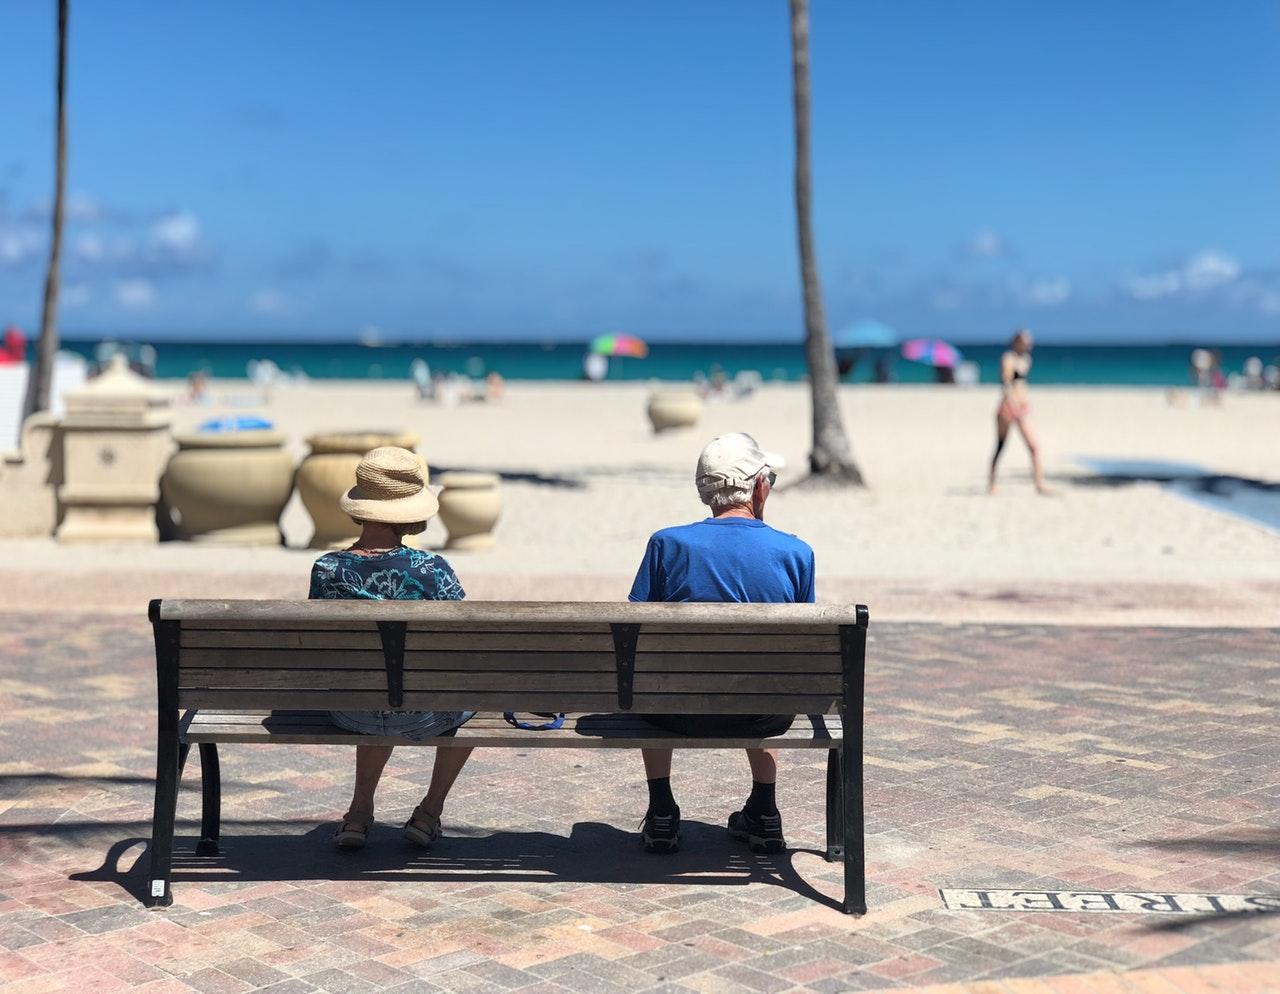 Nyugdíjba vonulás: fontos kérdést tisztáztak a kompenzációról